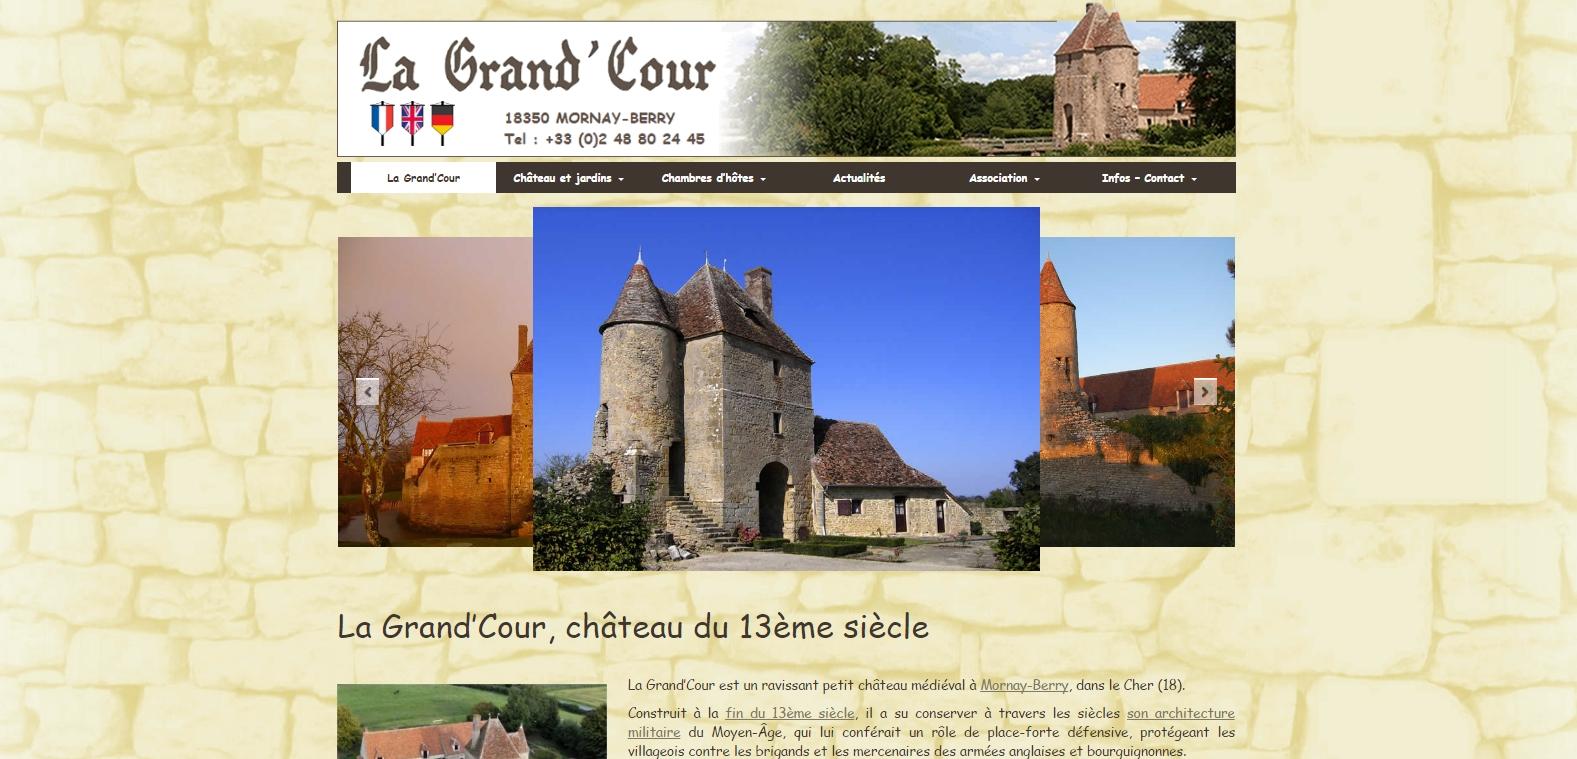 Château médiéval et chambres d'Hôte La Grand'Cour | Mornay-Berry (18)